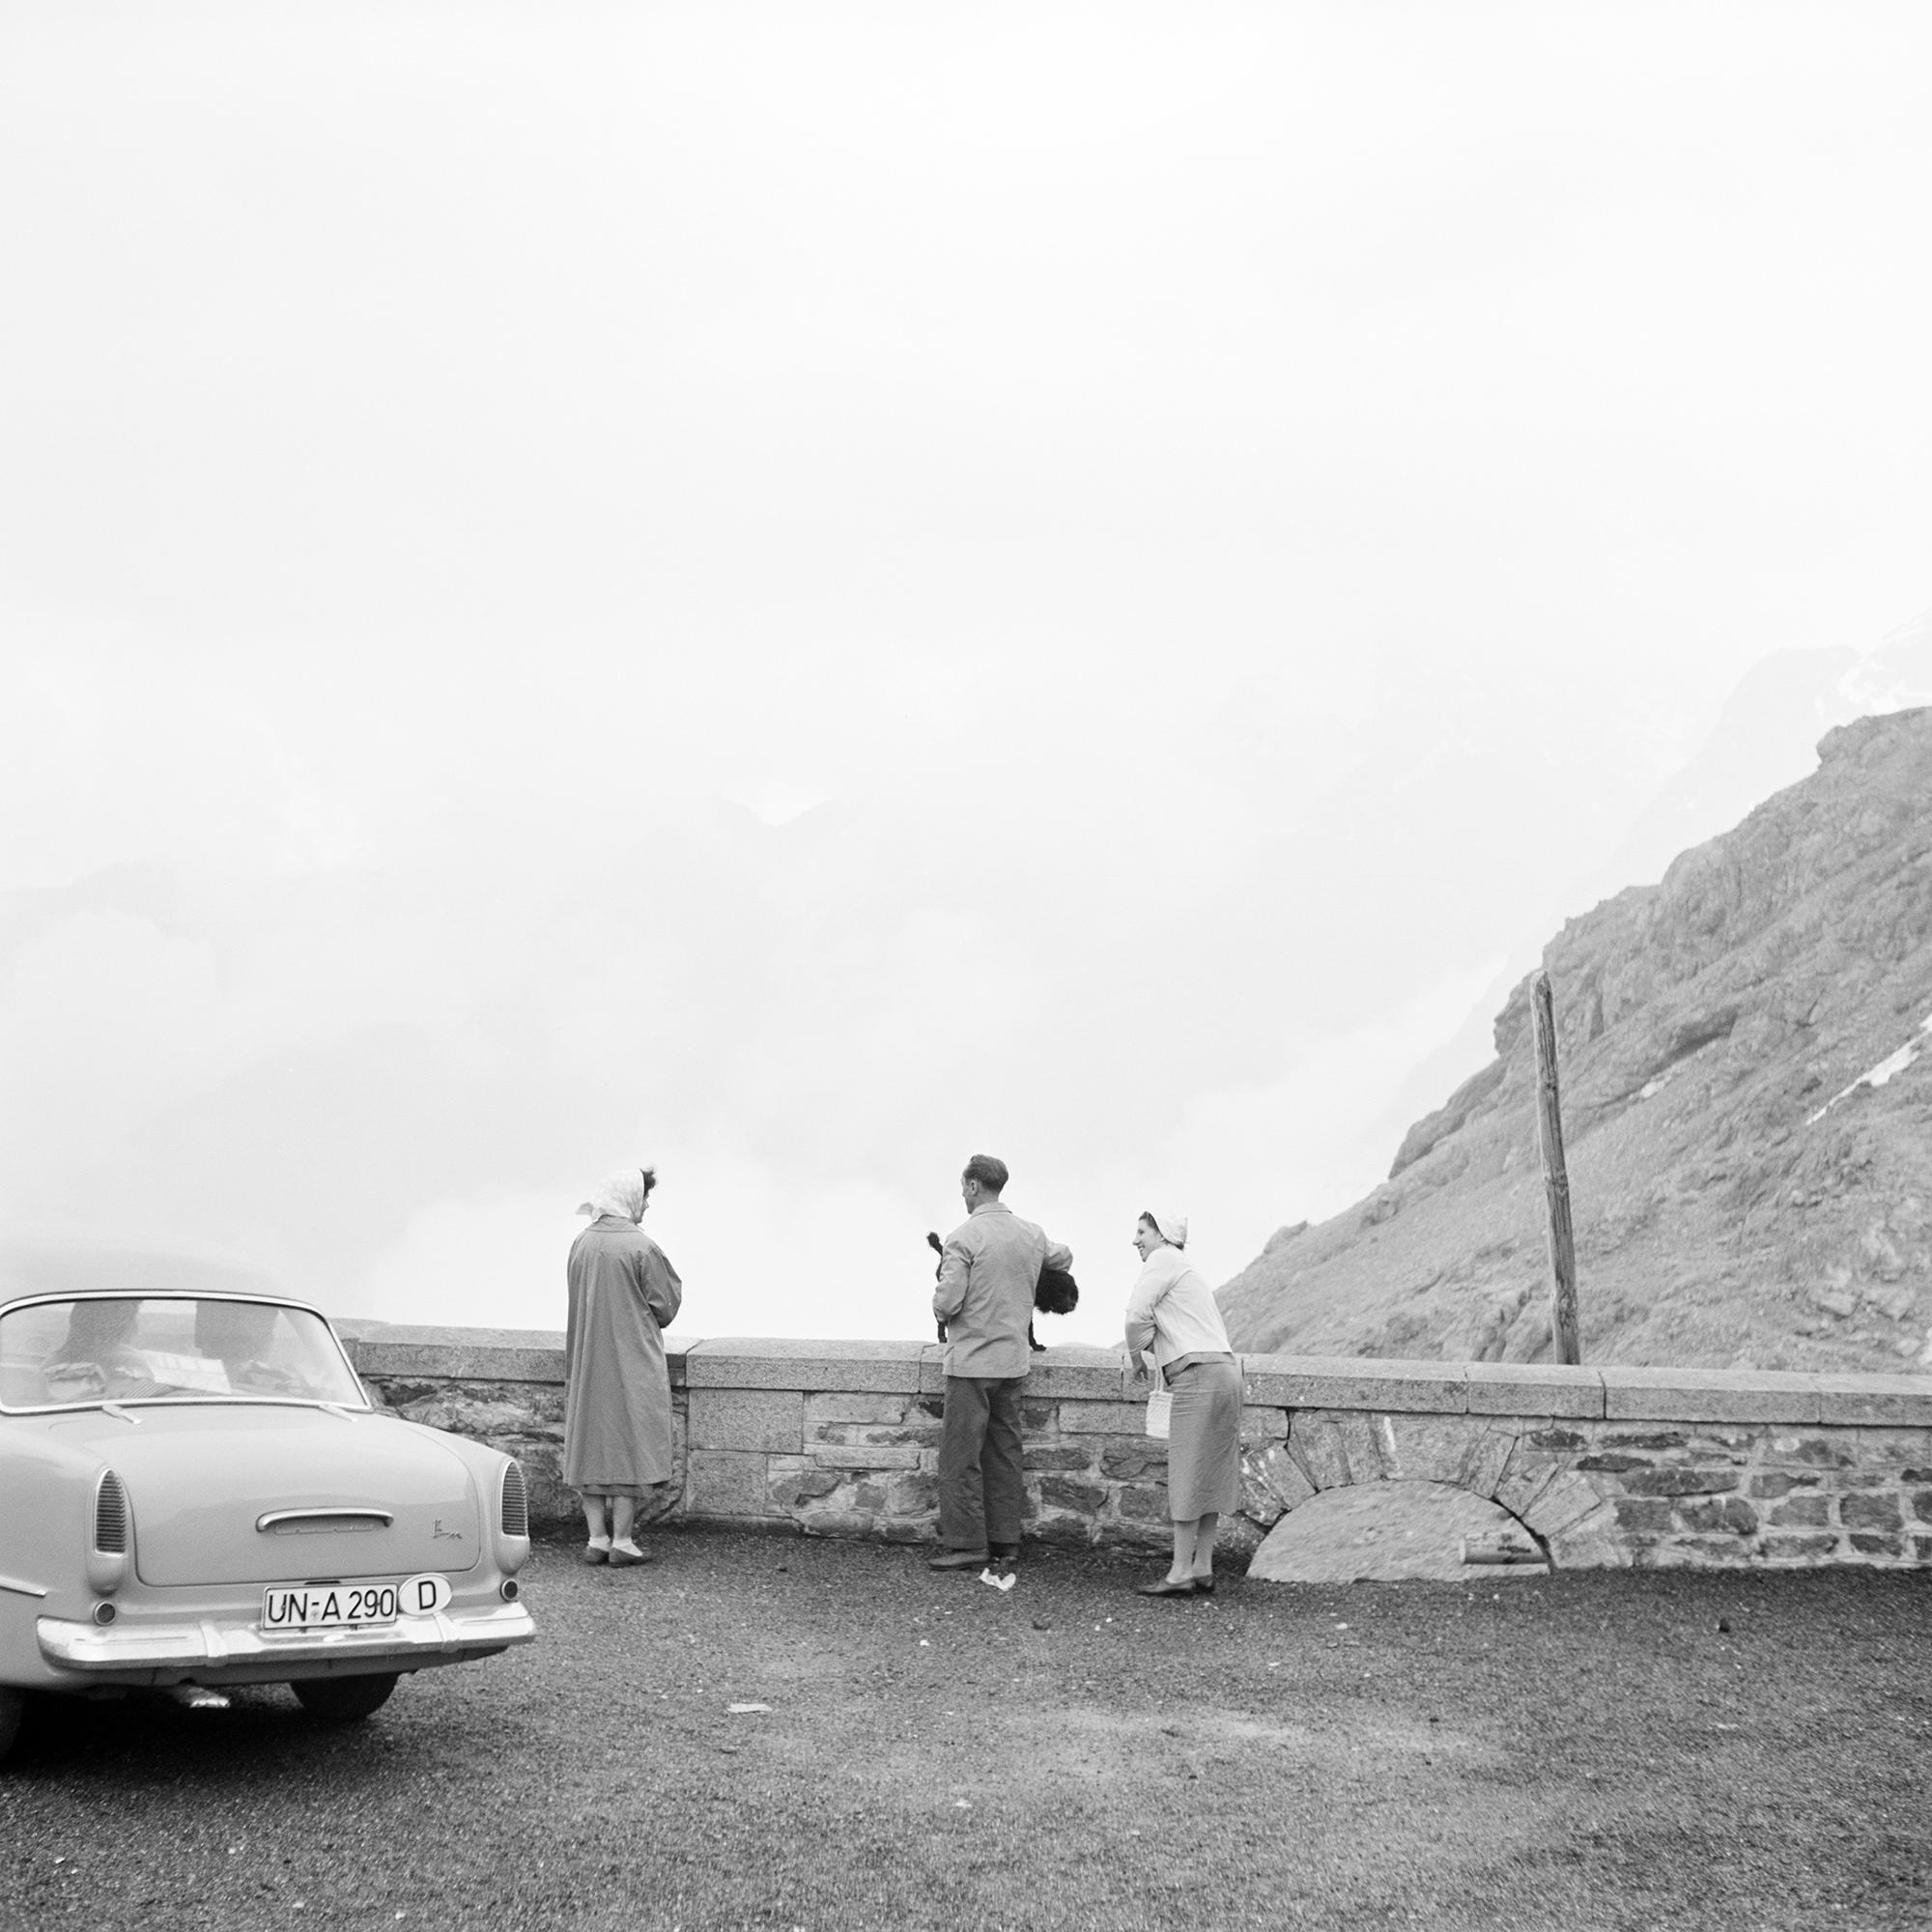 7_1957_Sommer_6x6_f.jpg